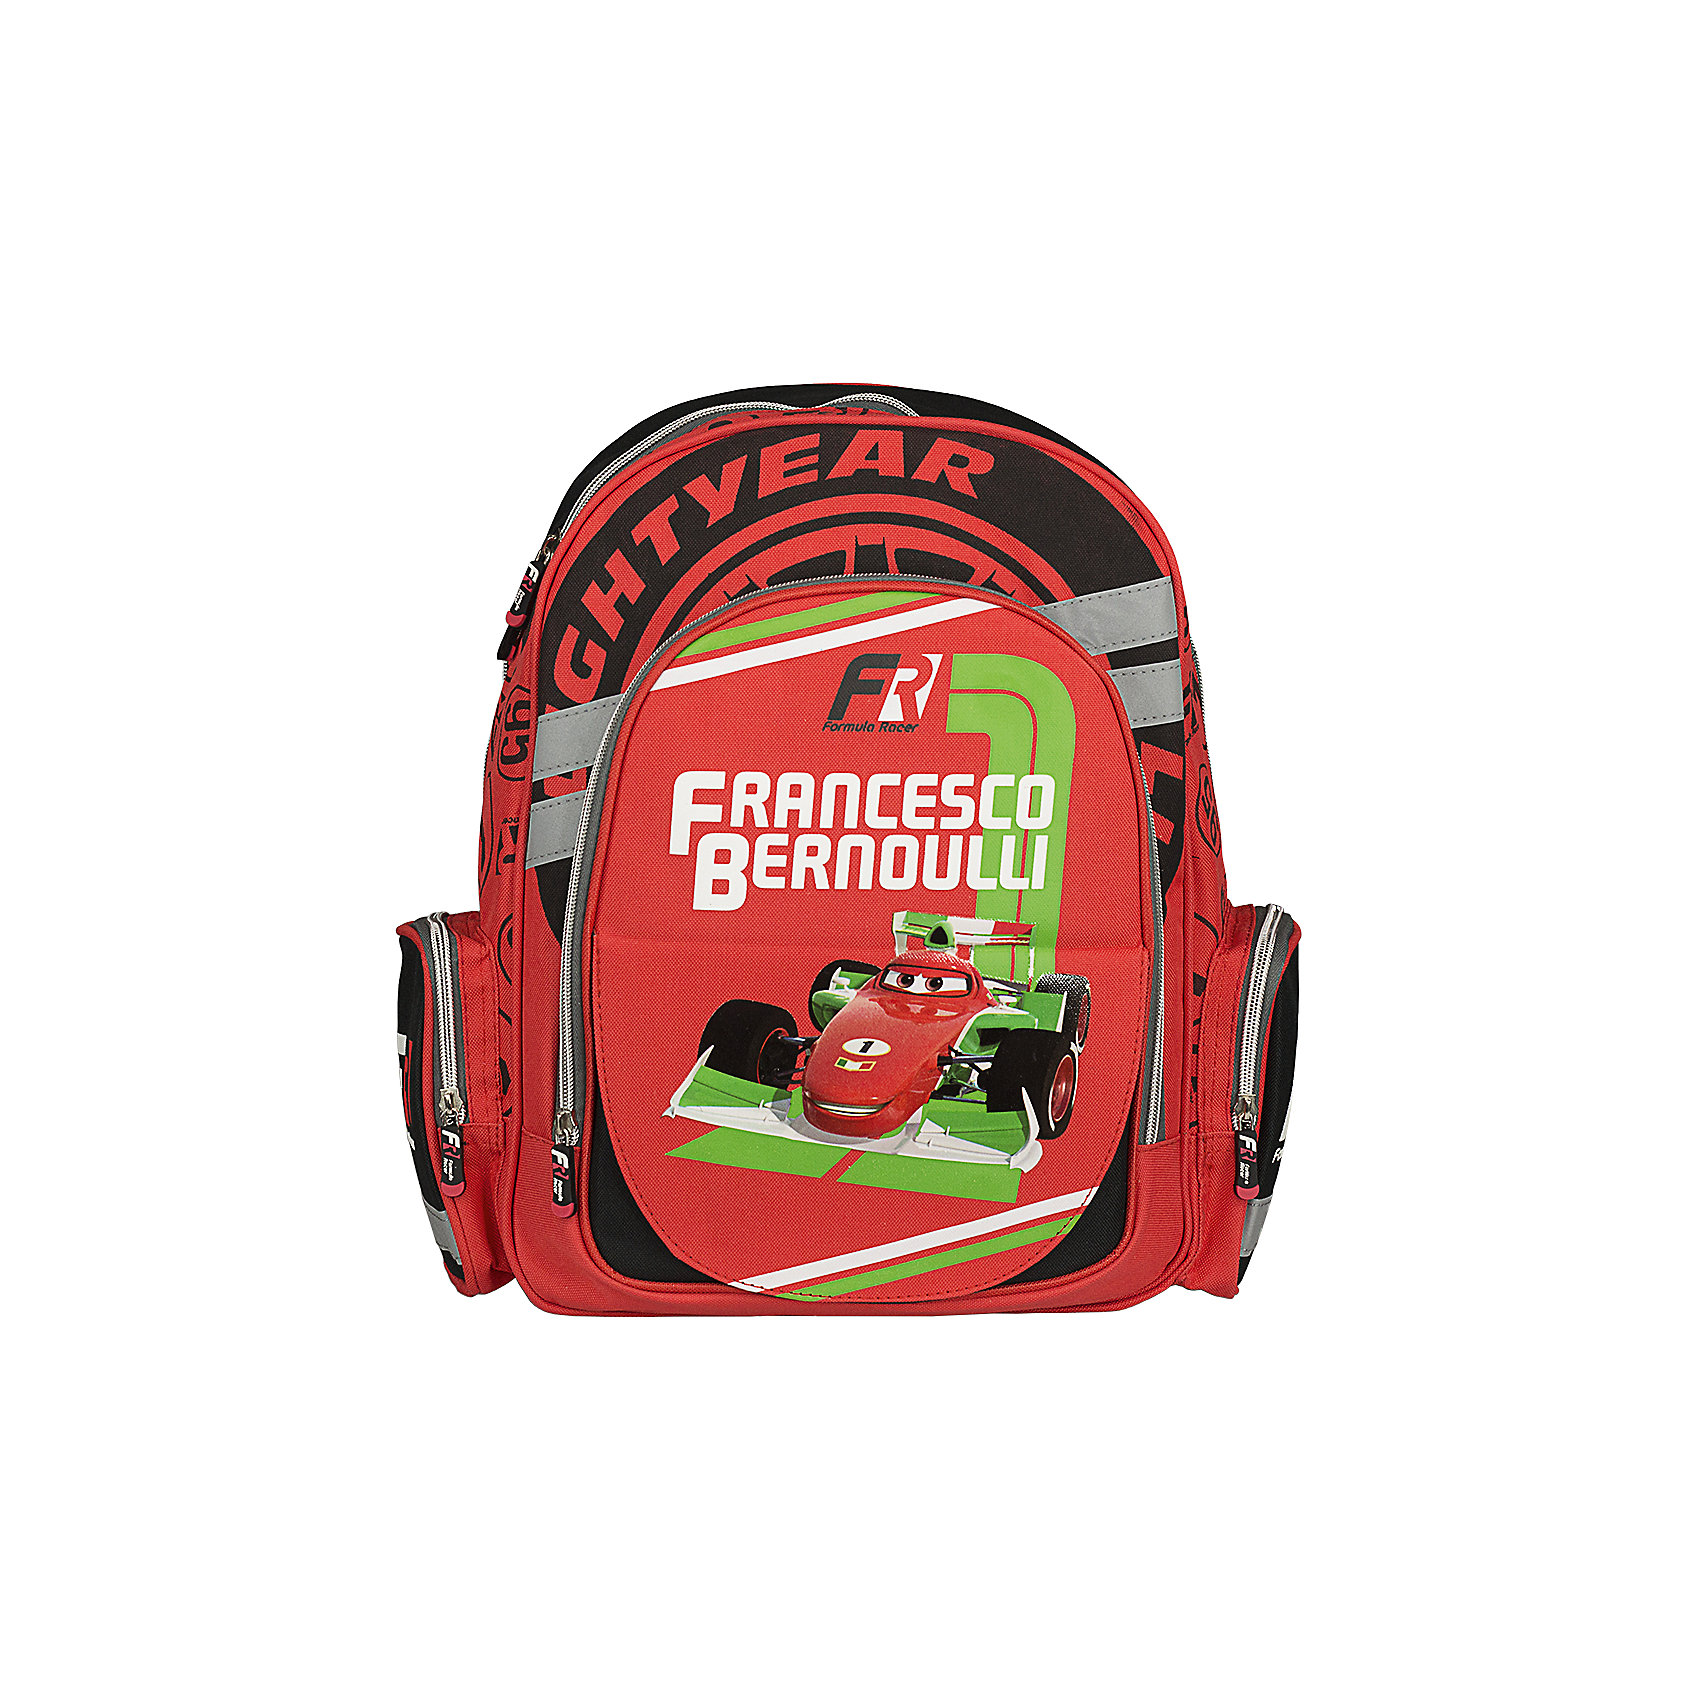 Эргономичный рюкзак с EVA-спинкой, ТачкиРюкзак с эргономичной EVA-спинкой, Тачки –  это максимально удобный и функциональный по своим характеристикам рюкзак.<br>Спинка рюкзака Тачки сделана из высокотехнологичного водонепроницаемого упругого материала (EVA), анатомически расположенные поролоновые вставки и специальная сетка для воздухообмена обеспечивают максимальный комфорт. Увеличенная ширина лямок позволяет снизить нагрузку на надплечье. Регулируемая длина гарантирует, что рюкзак подойдет ребенку любого роста. Высокотехнологичный водонепроницаемый упругий материал, поролон и специальная сетка для воздухообмена обеспечивают максимальный комфорт. Прорезиненная ручка позволяет удобно переносить рюкзак в руках. Светоотражающие элементы на лямках и корпусе рюкзака делают ребенка более заметным для водителей, и повышают безопасность ребенка на дороге. Карманы: вместительный наружный карман на молнии предназначен для предметов средних и крупных размеров, два боковых кармана на молнии предназначены для предметов мелких размеров. Один внутренний карман из сеточной ткани с утягивающей резинкой предназначен для хранения средних и мелких предметов. Основной отдел на молнии имеет 3 отделения и может размещать изделия размером до А4 формата включительно, без сложений. Дно укреплено пластиковой вставкой-трансформером, что позволяет быстро и удобно изменять размеры рюкзака. Изготовлен рюкзак из износостойкого и влагоизоляционного материала.<br><br>Дополнительная информация:<br><br>- Материал: полиэстер<br>- Магнитная панель, меняющая дизайн рюкзака<br>- Размер: 38х29х13 см.<br>- Вес: 735 гр.<br><br>Рюкзак с эргономичной EVA-спинкой, Тачки можно купить в нашем интернет-магазине.<br><br>Ширина мм: 380<br>Глубина мм: 290<br>Высота мм: 130<br>Вес г: 735<br>Возраст от месяцев: 48<br>Возраст до месяцев: 84<br>Пол: Мужской<br>Возраст: Детский<br>SKU: 3563291